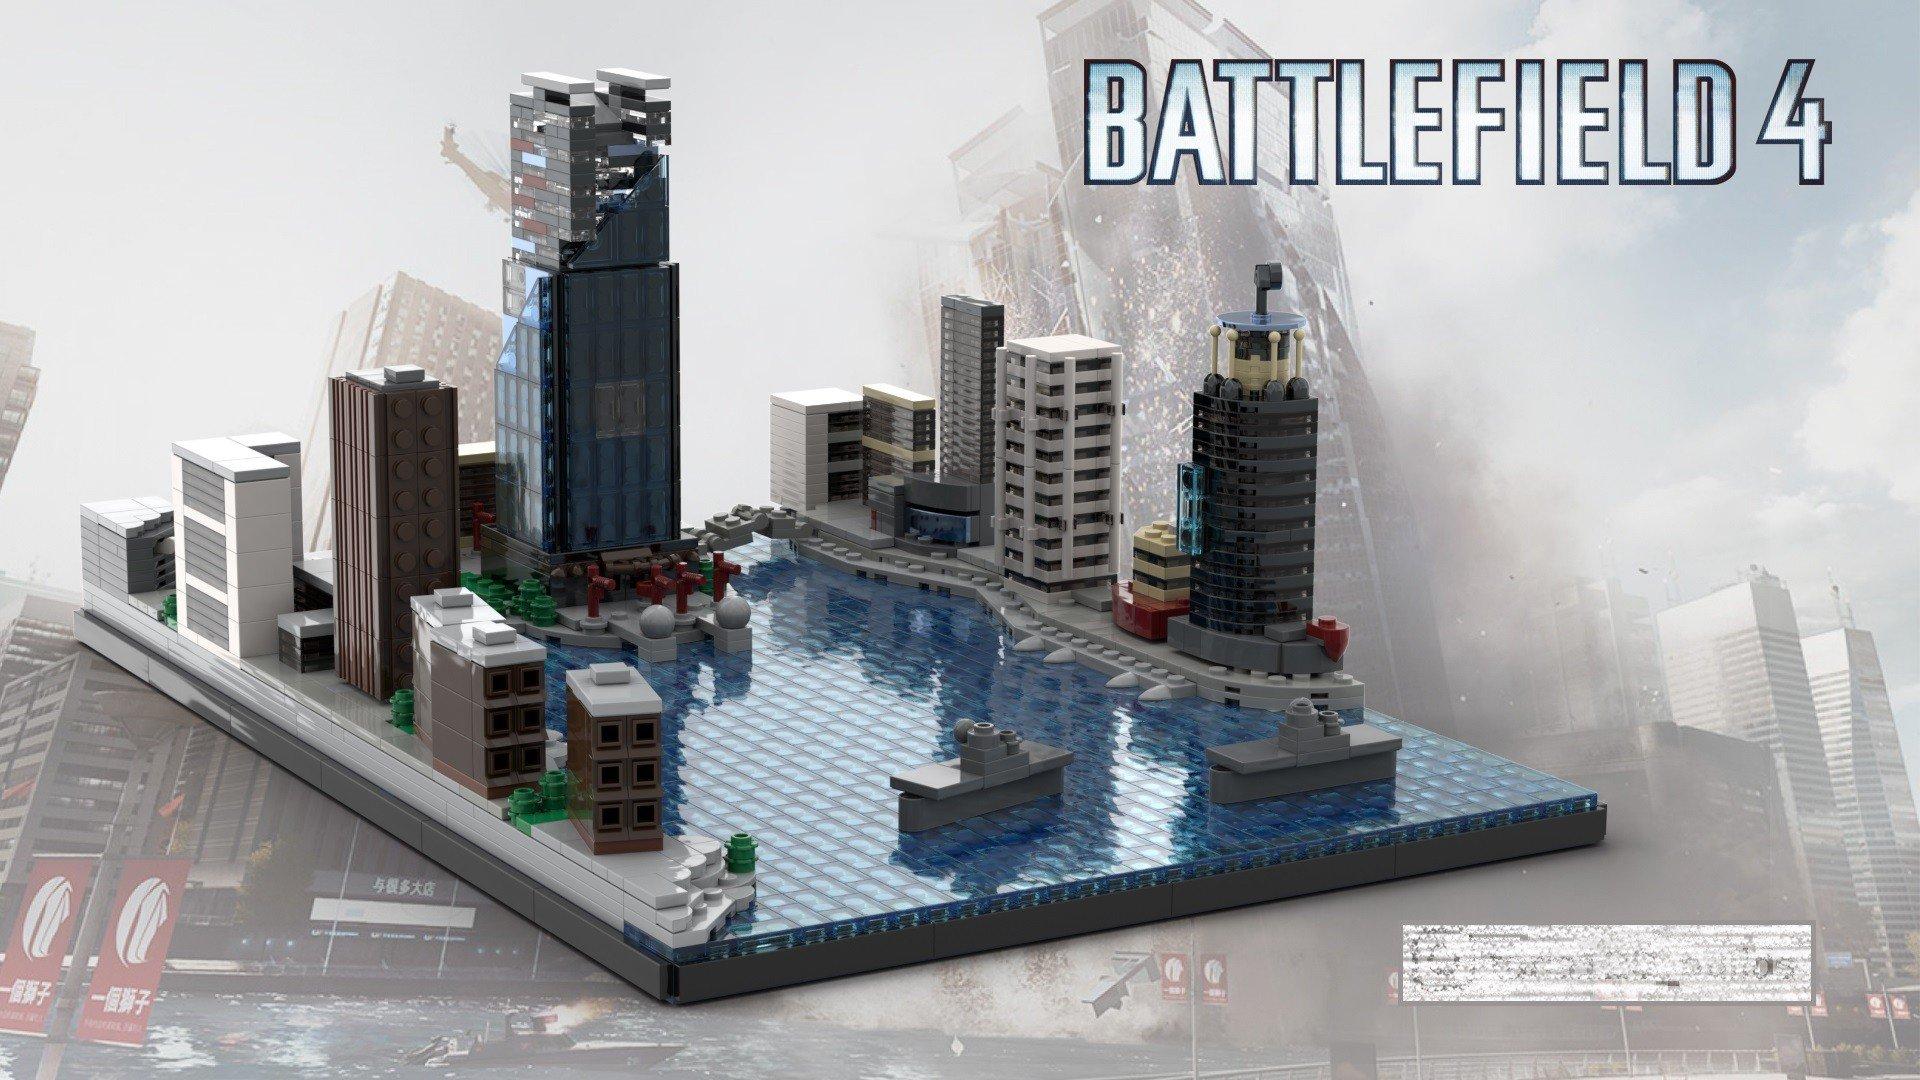 Фанат Battlefield сделал карты игры из LEGO